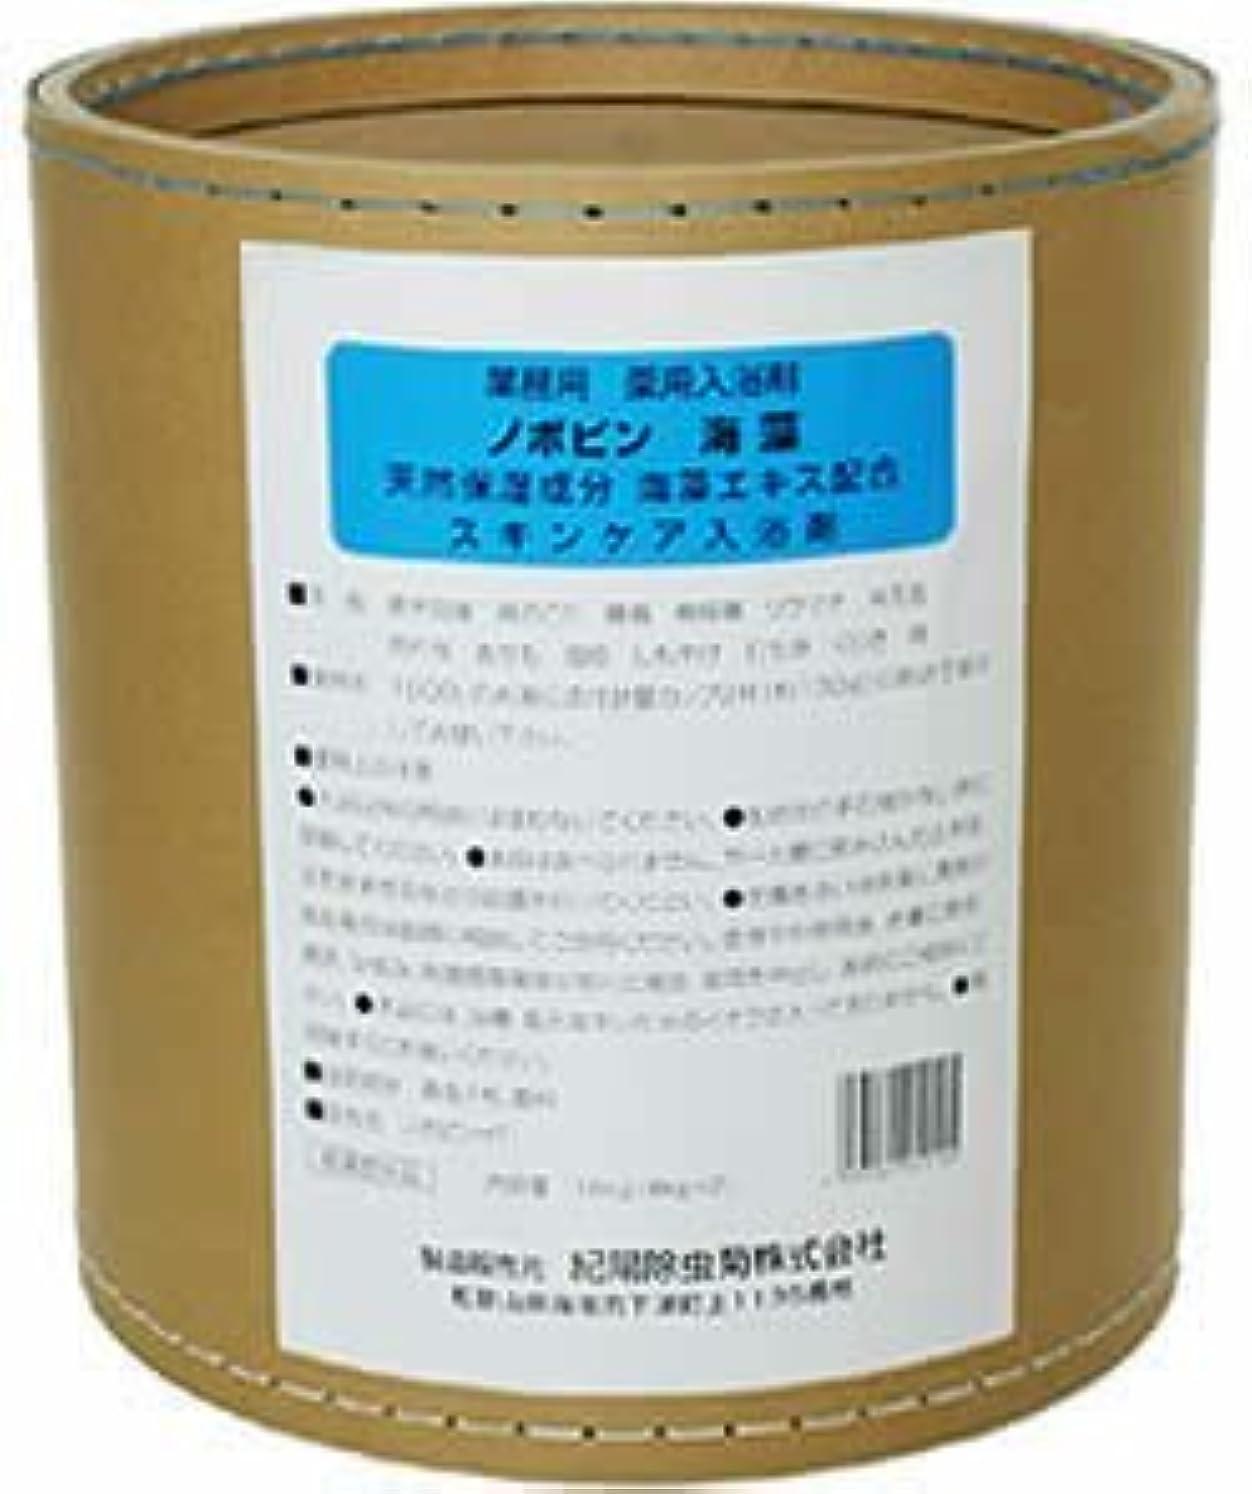 マンハッタン役に立たないラッシュ業務用 入浴剤 ノボピン 海藻 16kg(8kg*2)